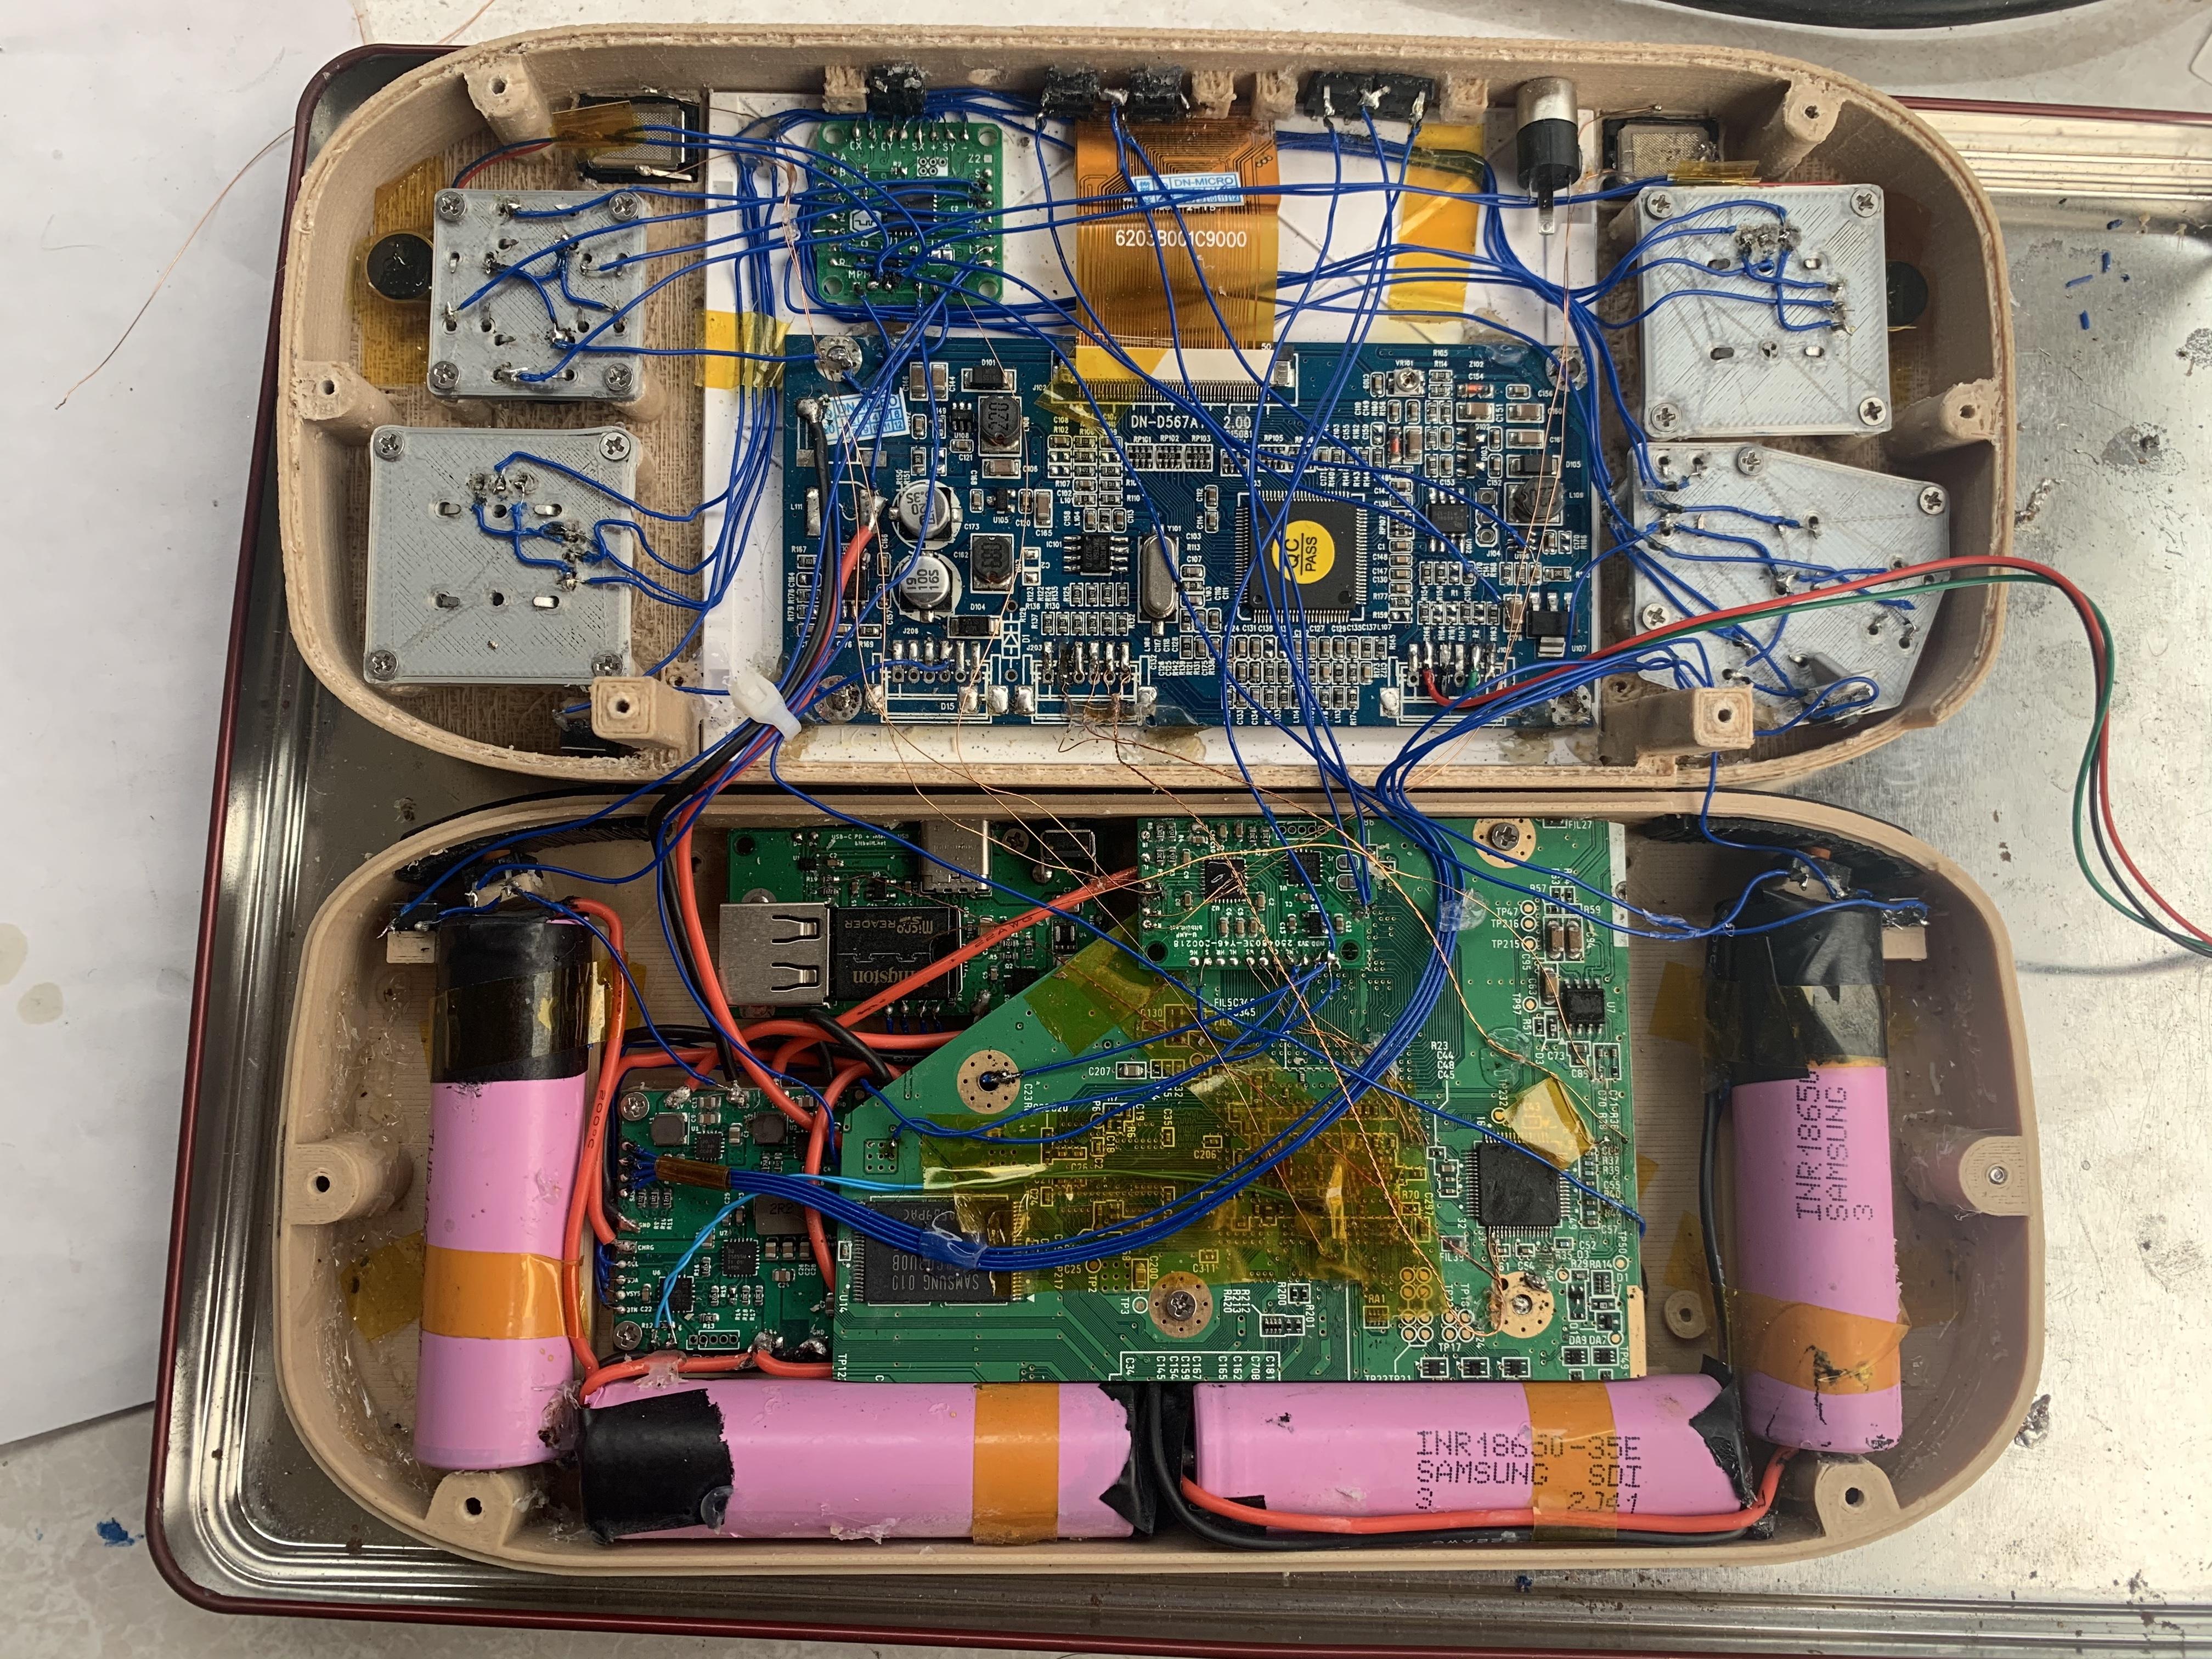 B1AE12E1-6A44-4565-8A3A-31F2C802397B.jpeg